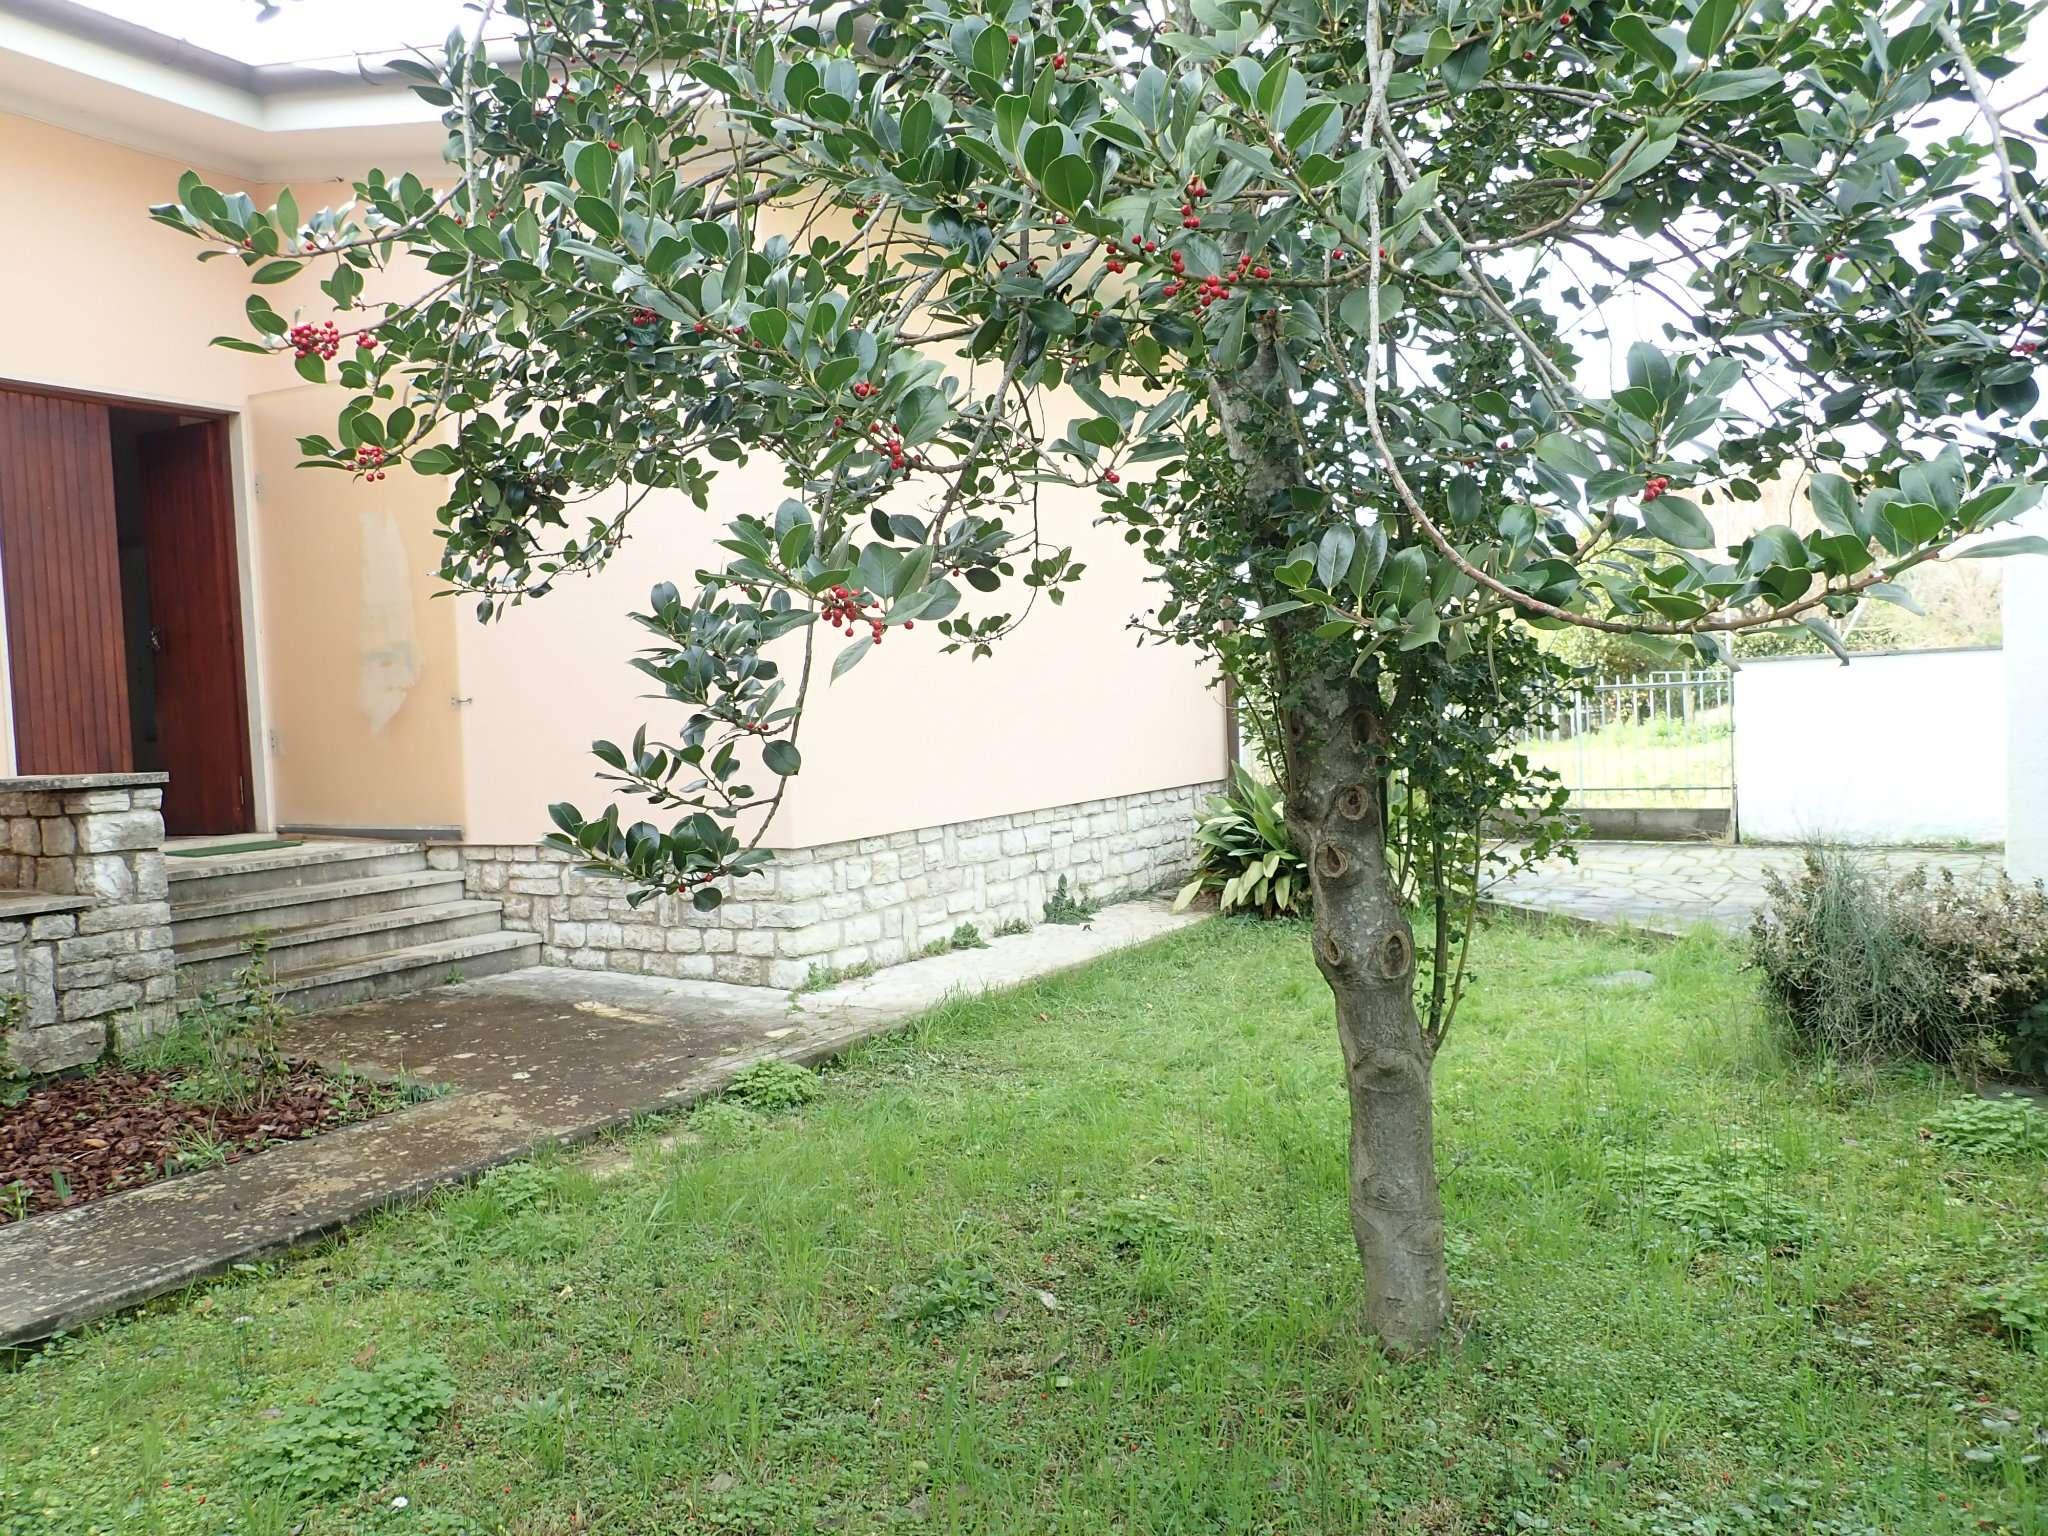 Villa in Vendita a Forte Dei Marmi: 5 locali, 200 mq - Foto 6